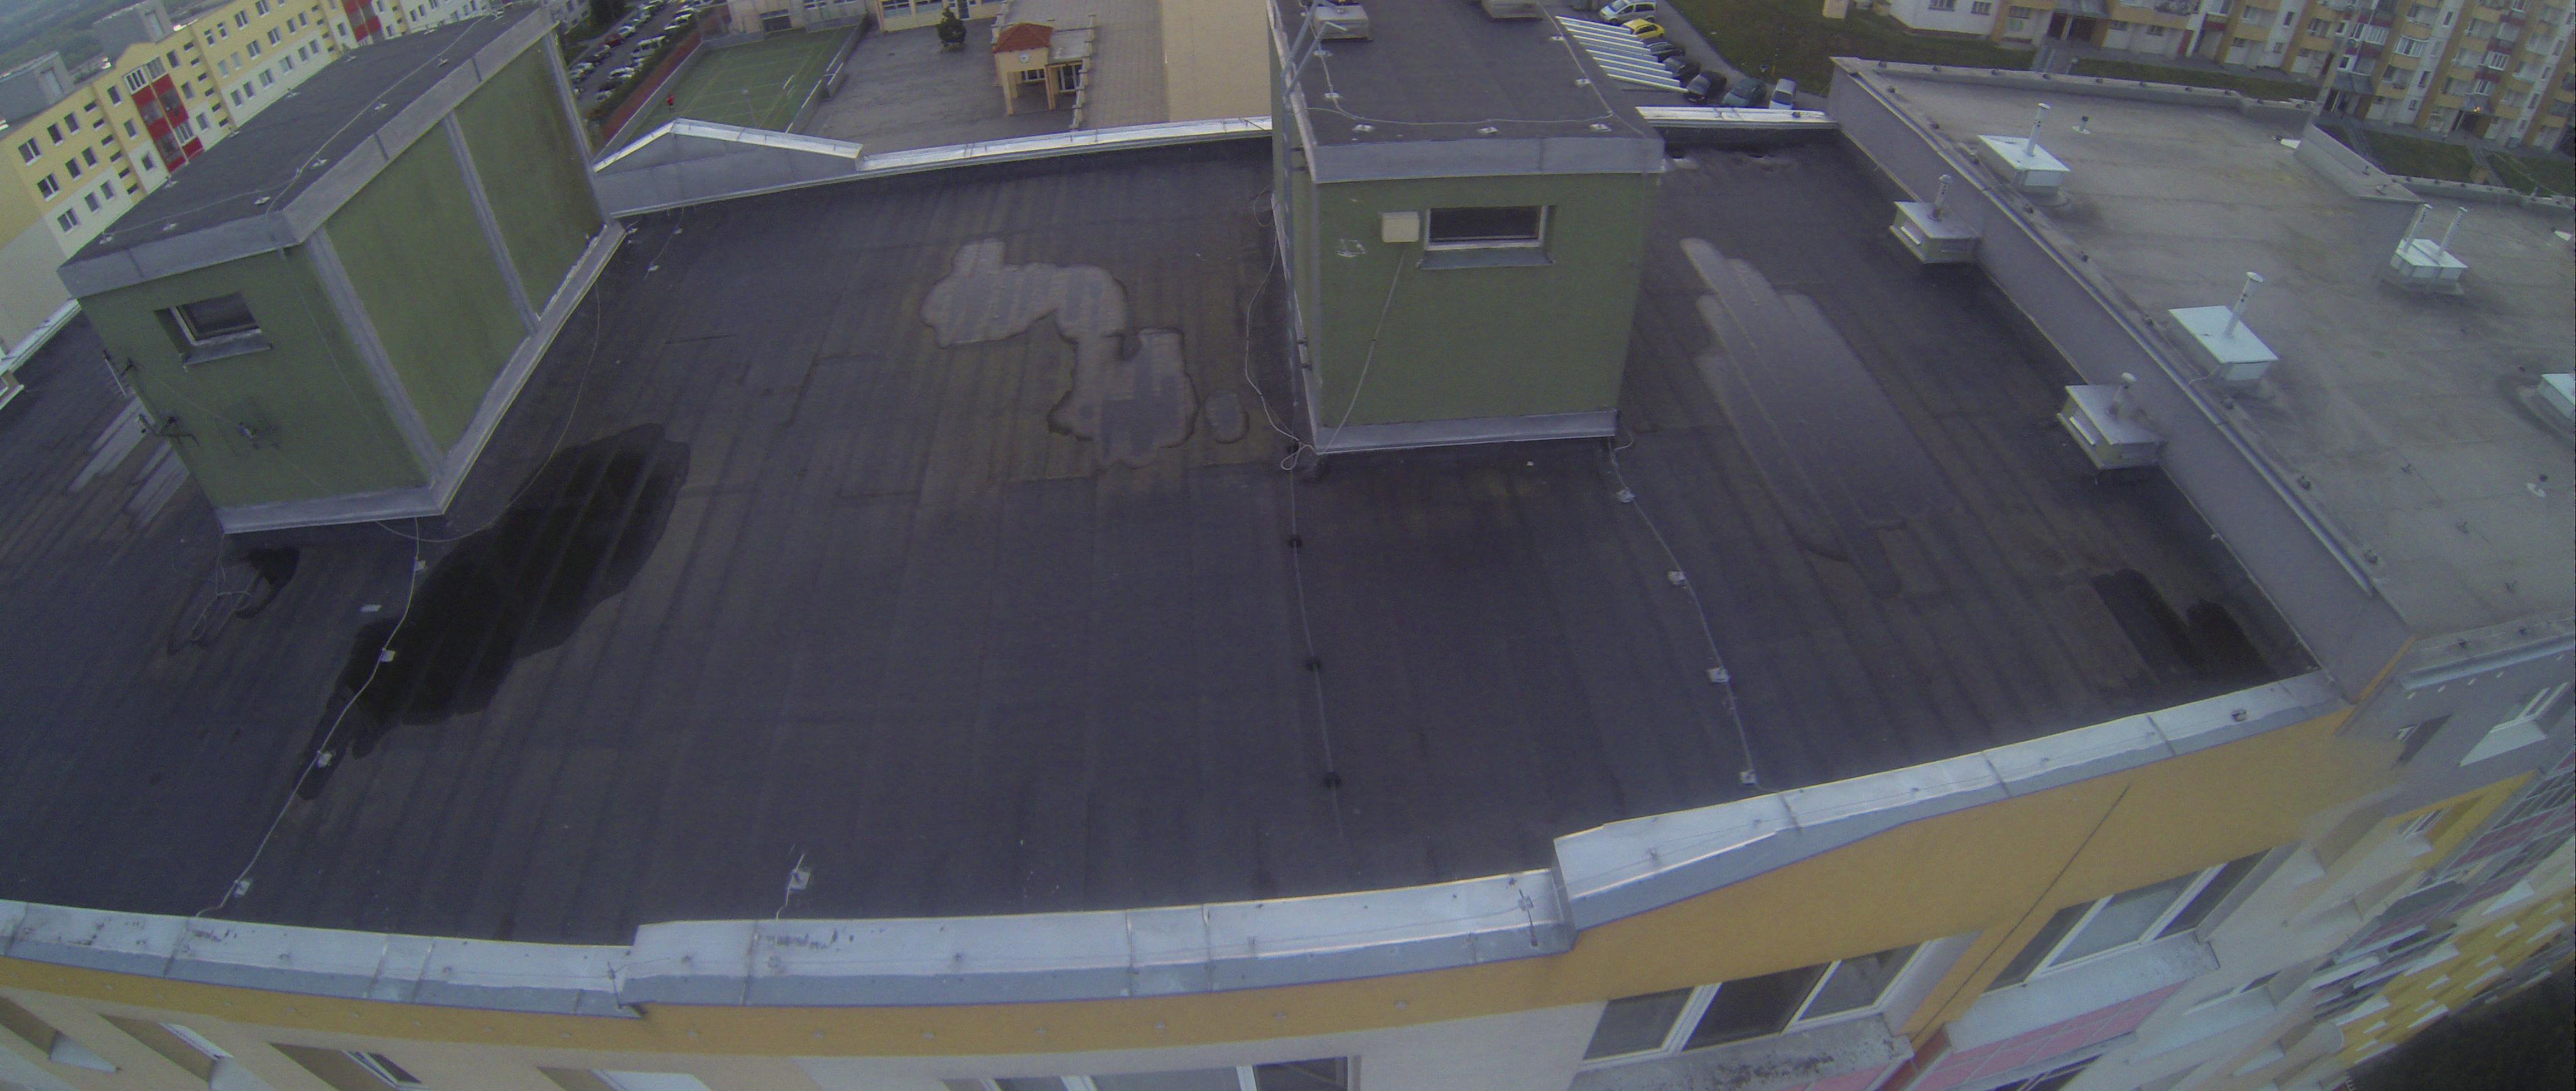 Príklad nafotenia stavu strechy bytovky. Fotku si môžete priblížiť a posúvať a sledovať tak detaily.